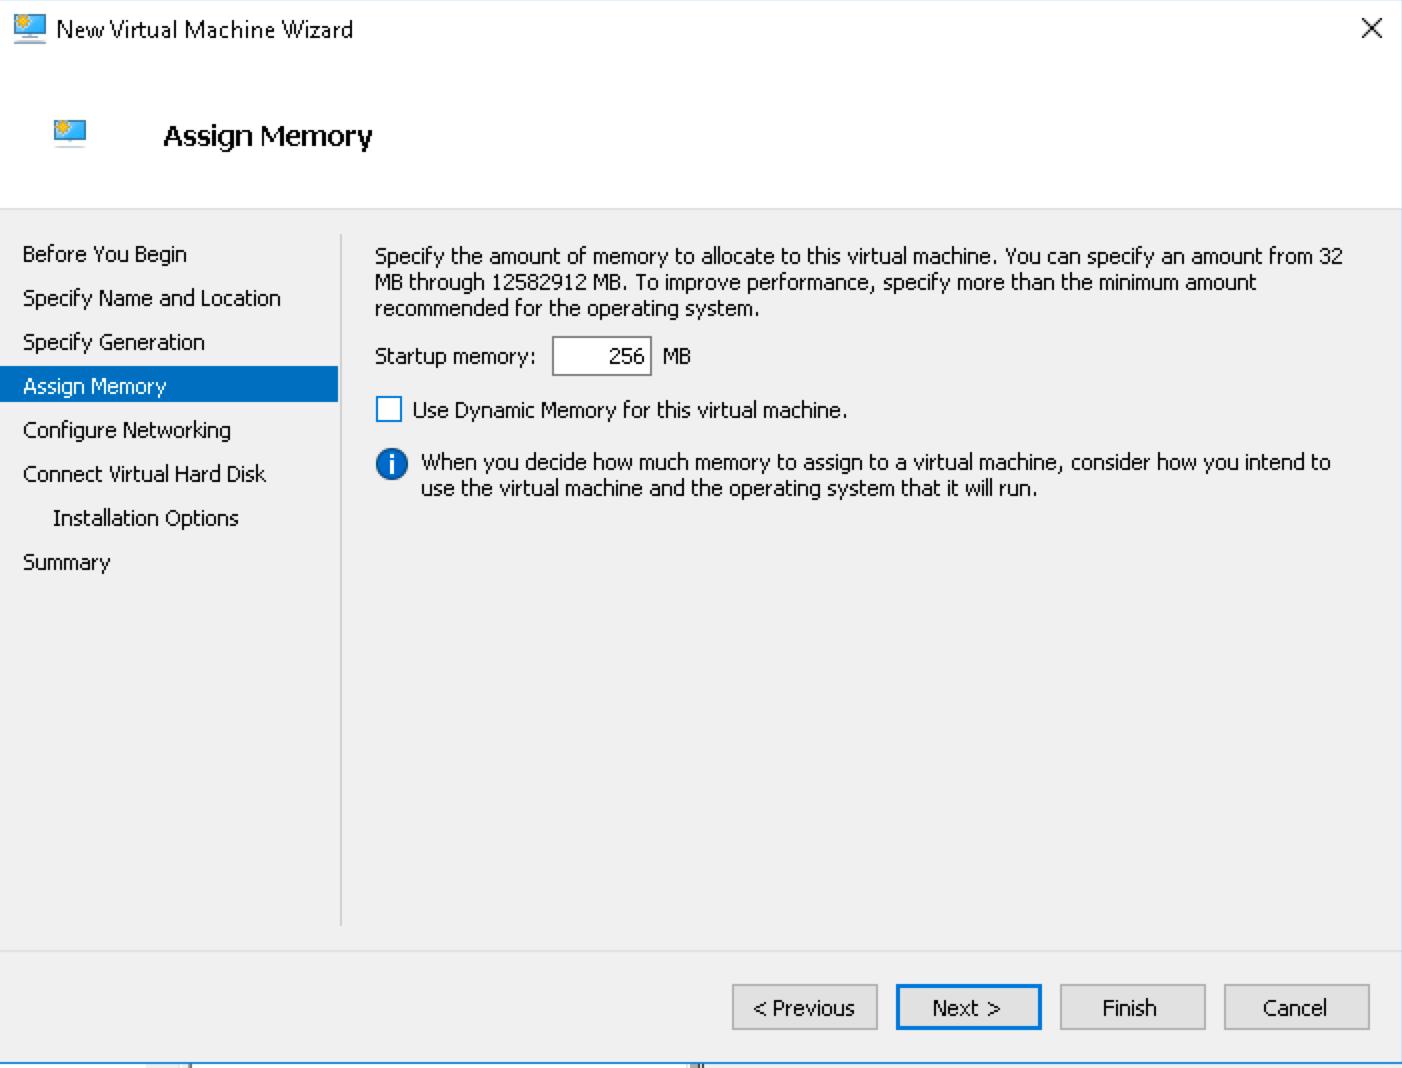 Настройка количества доступной оперативной памяти для виртуального маршрутизатора